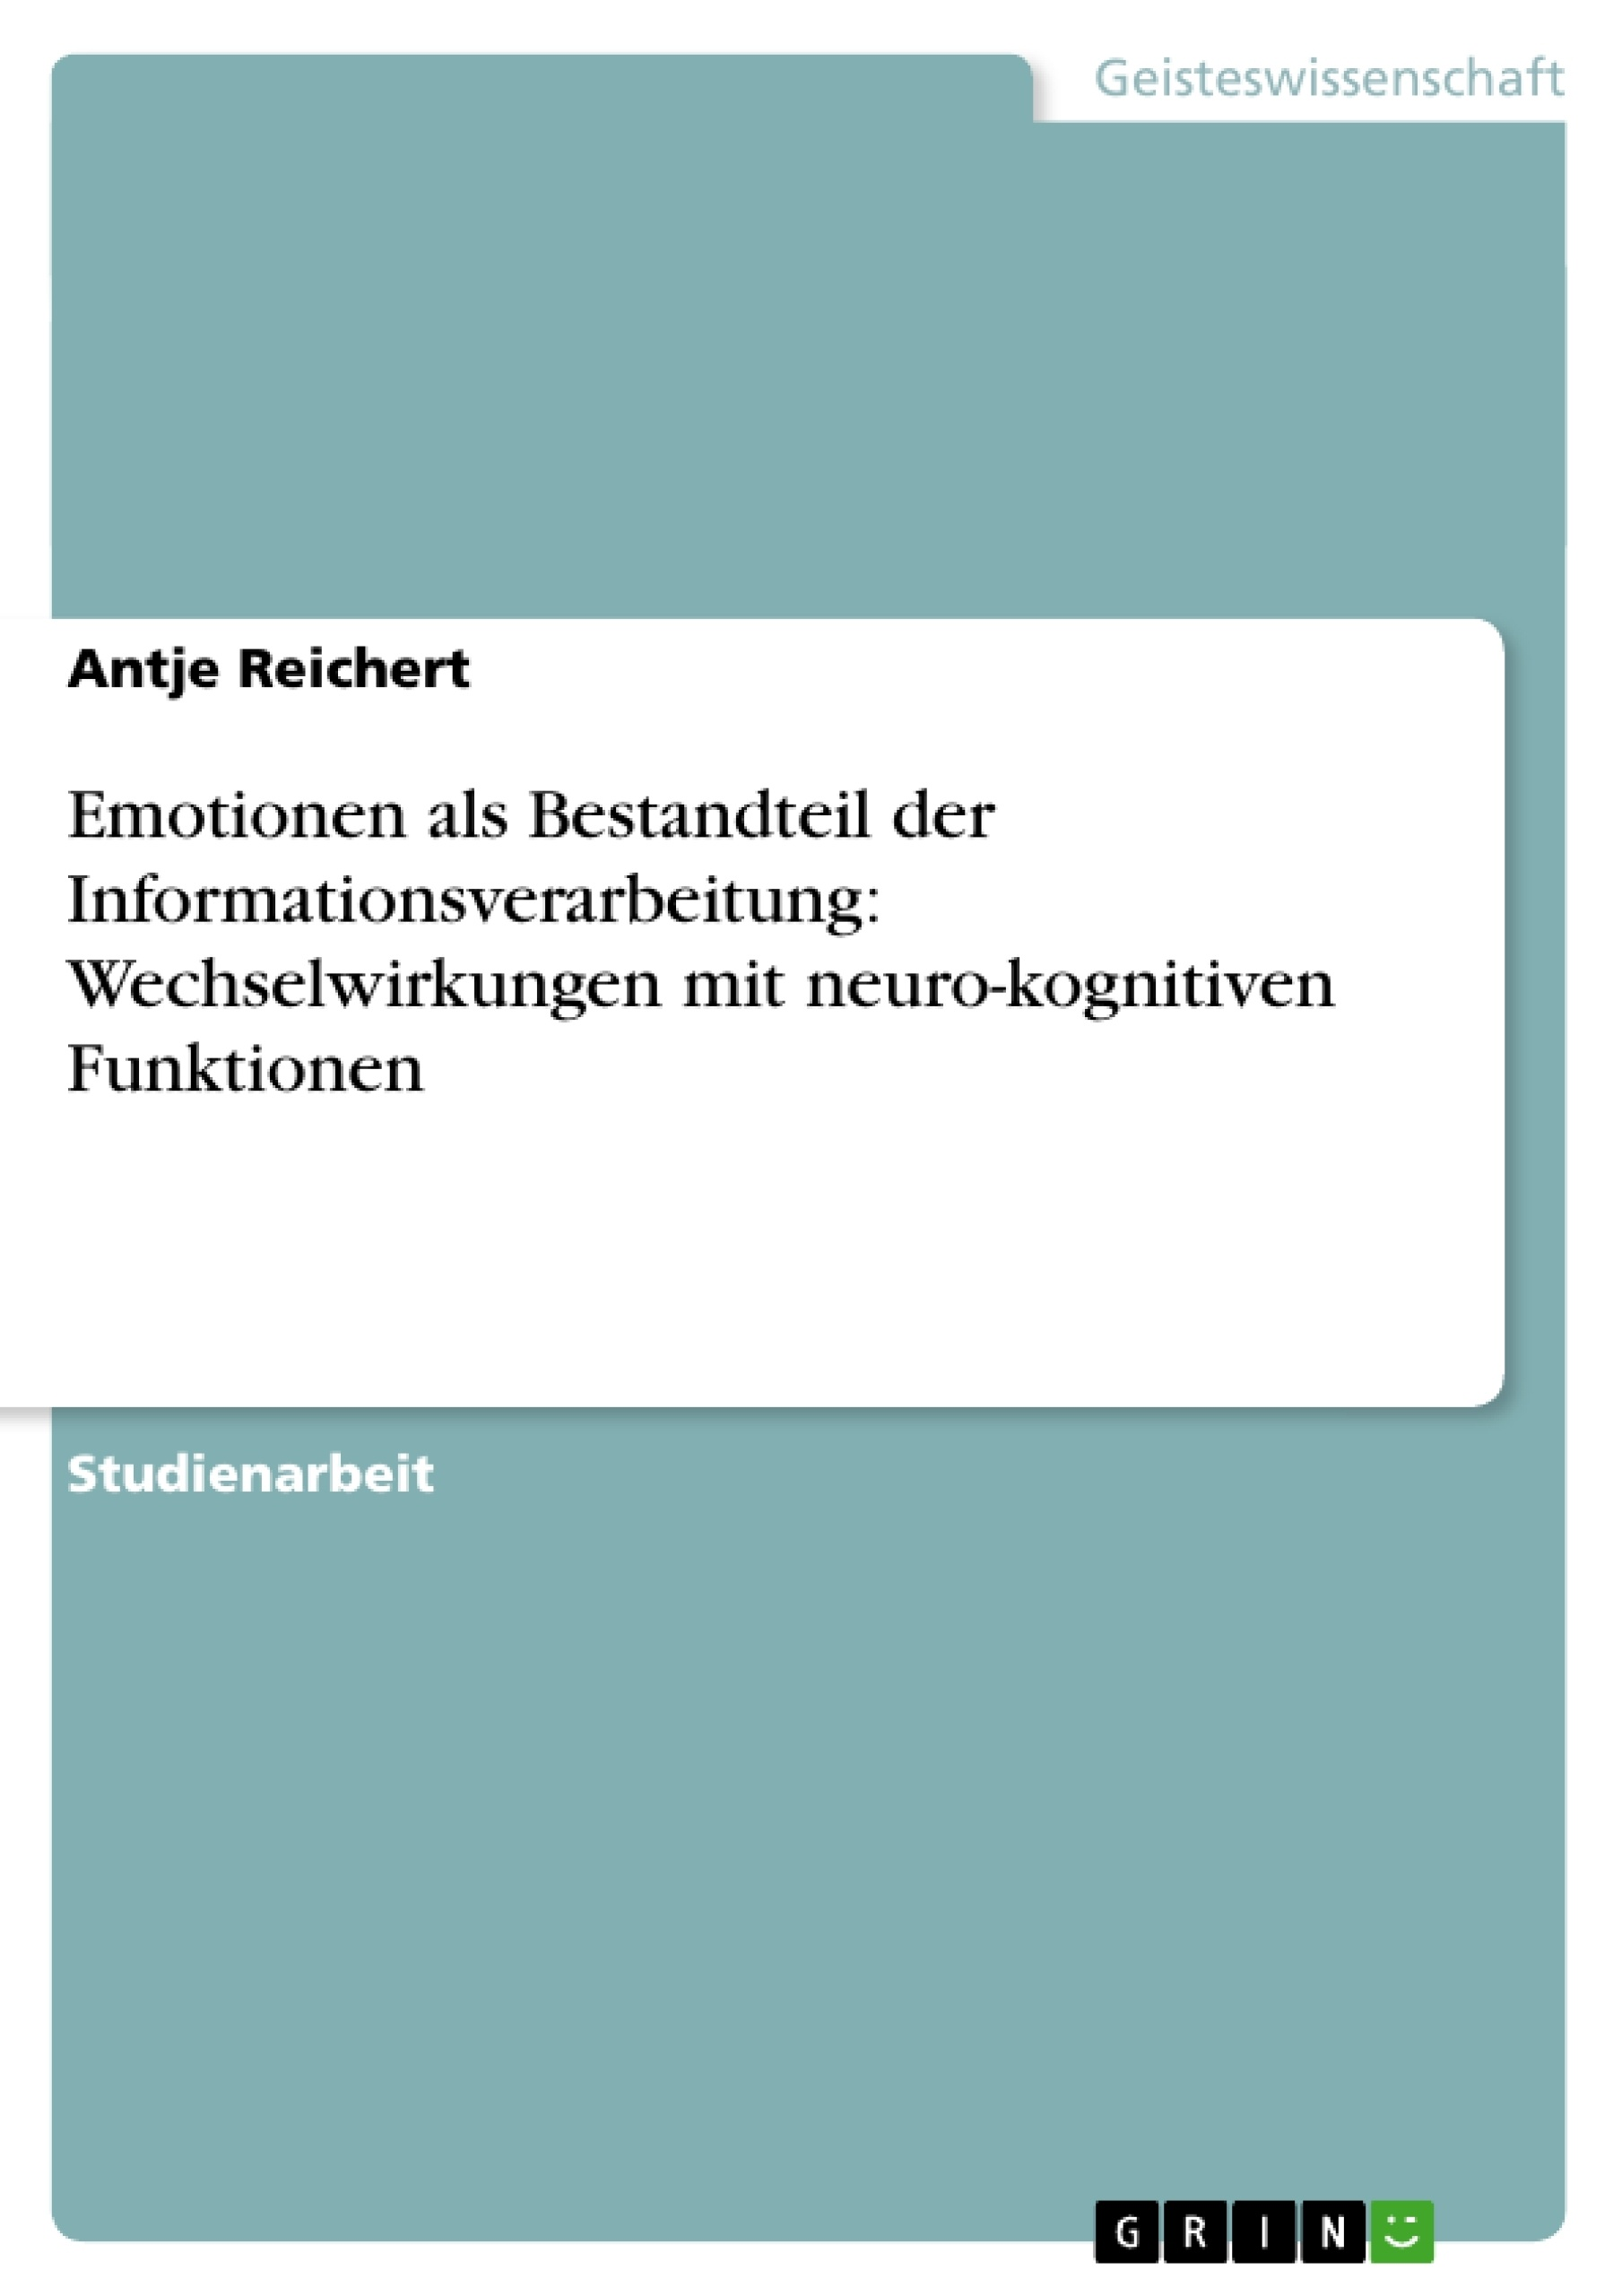 Titel: Emotionen als Bestandteil der Informationsverarbeitung: Wechselwirkungen mit neuro-kognitiven Funktionen